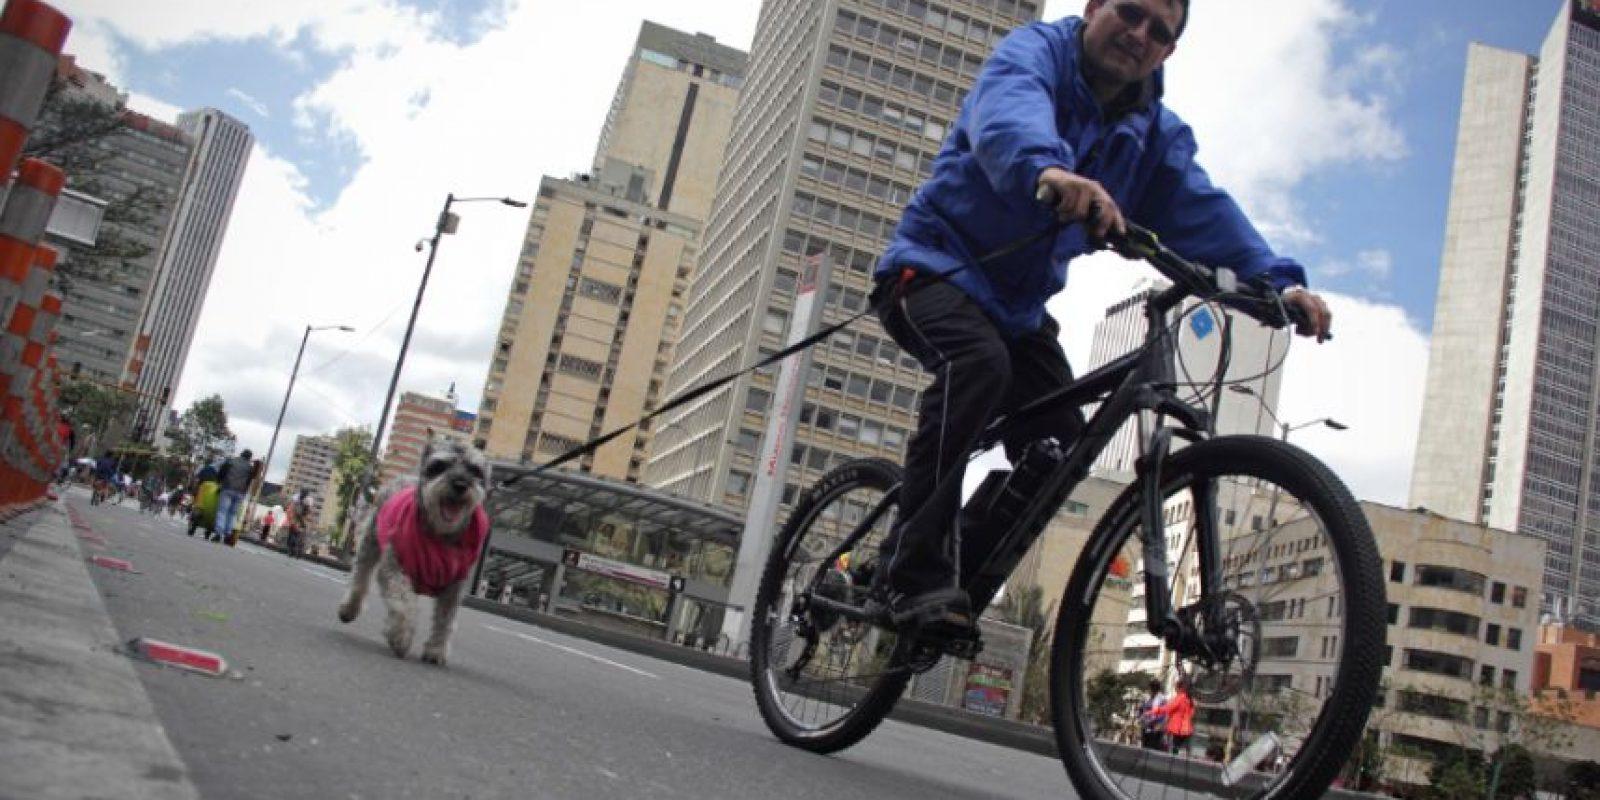 """""""Oye, vas muy rápido, espera"""" Foto:Carlos Bernate"""